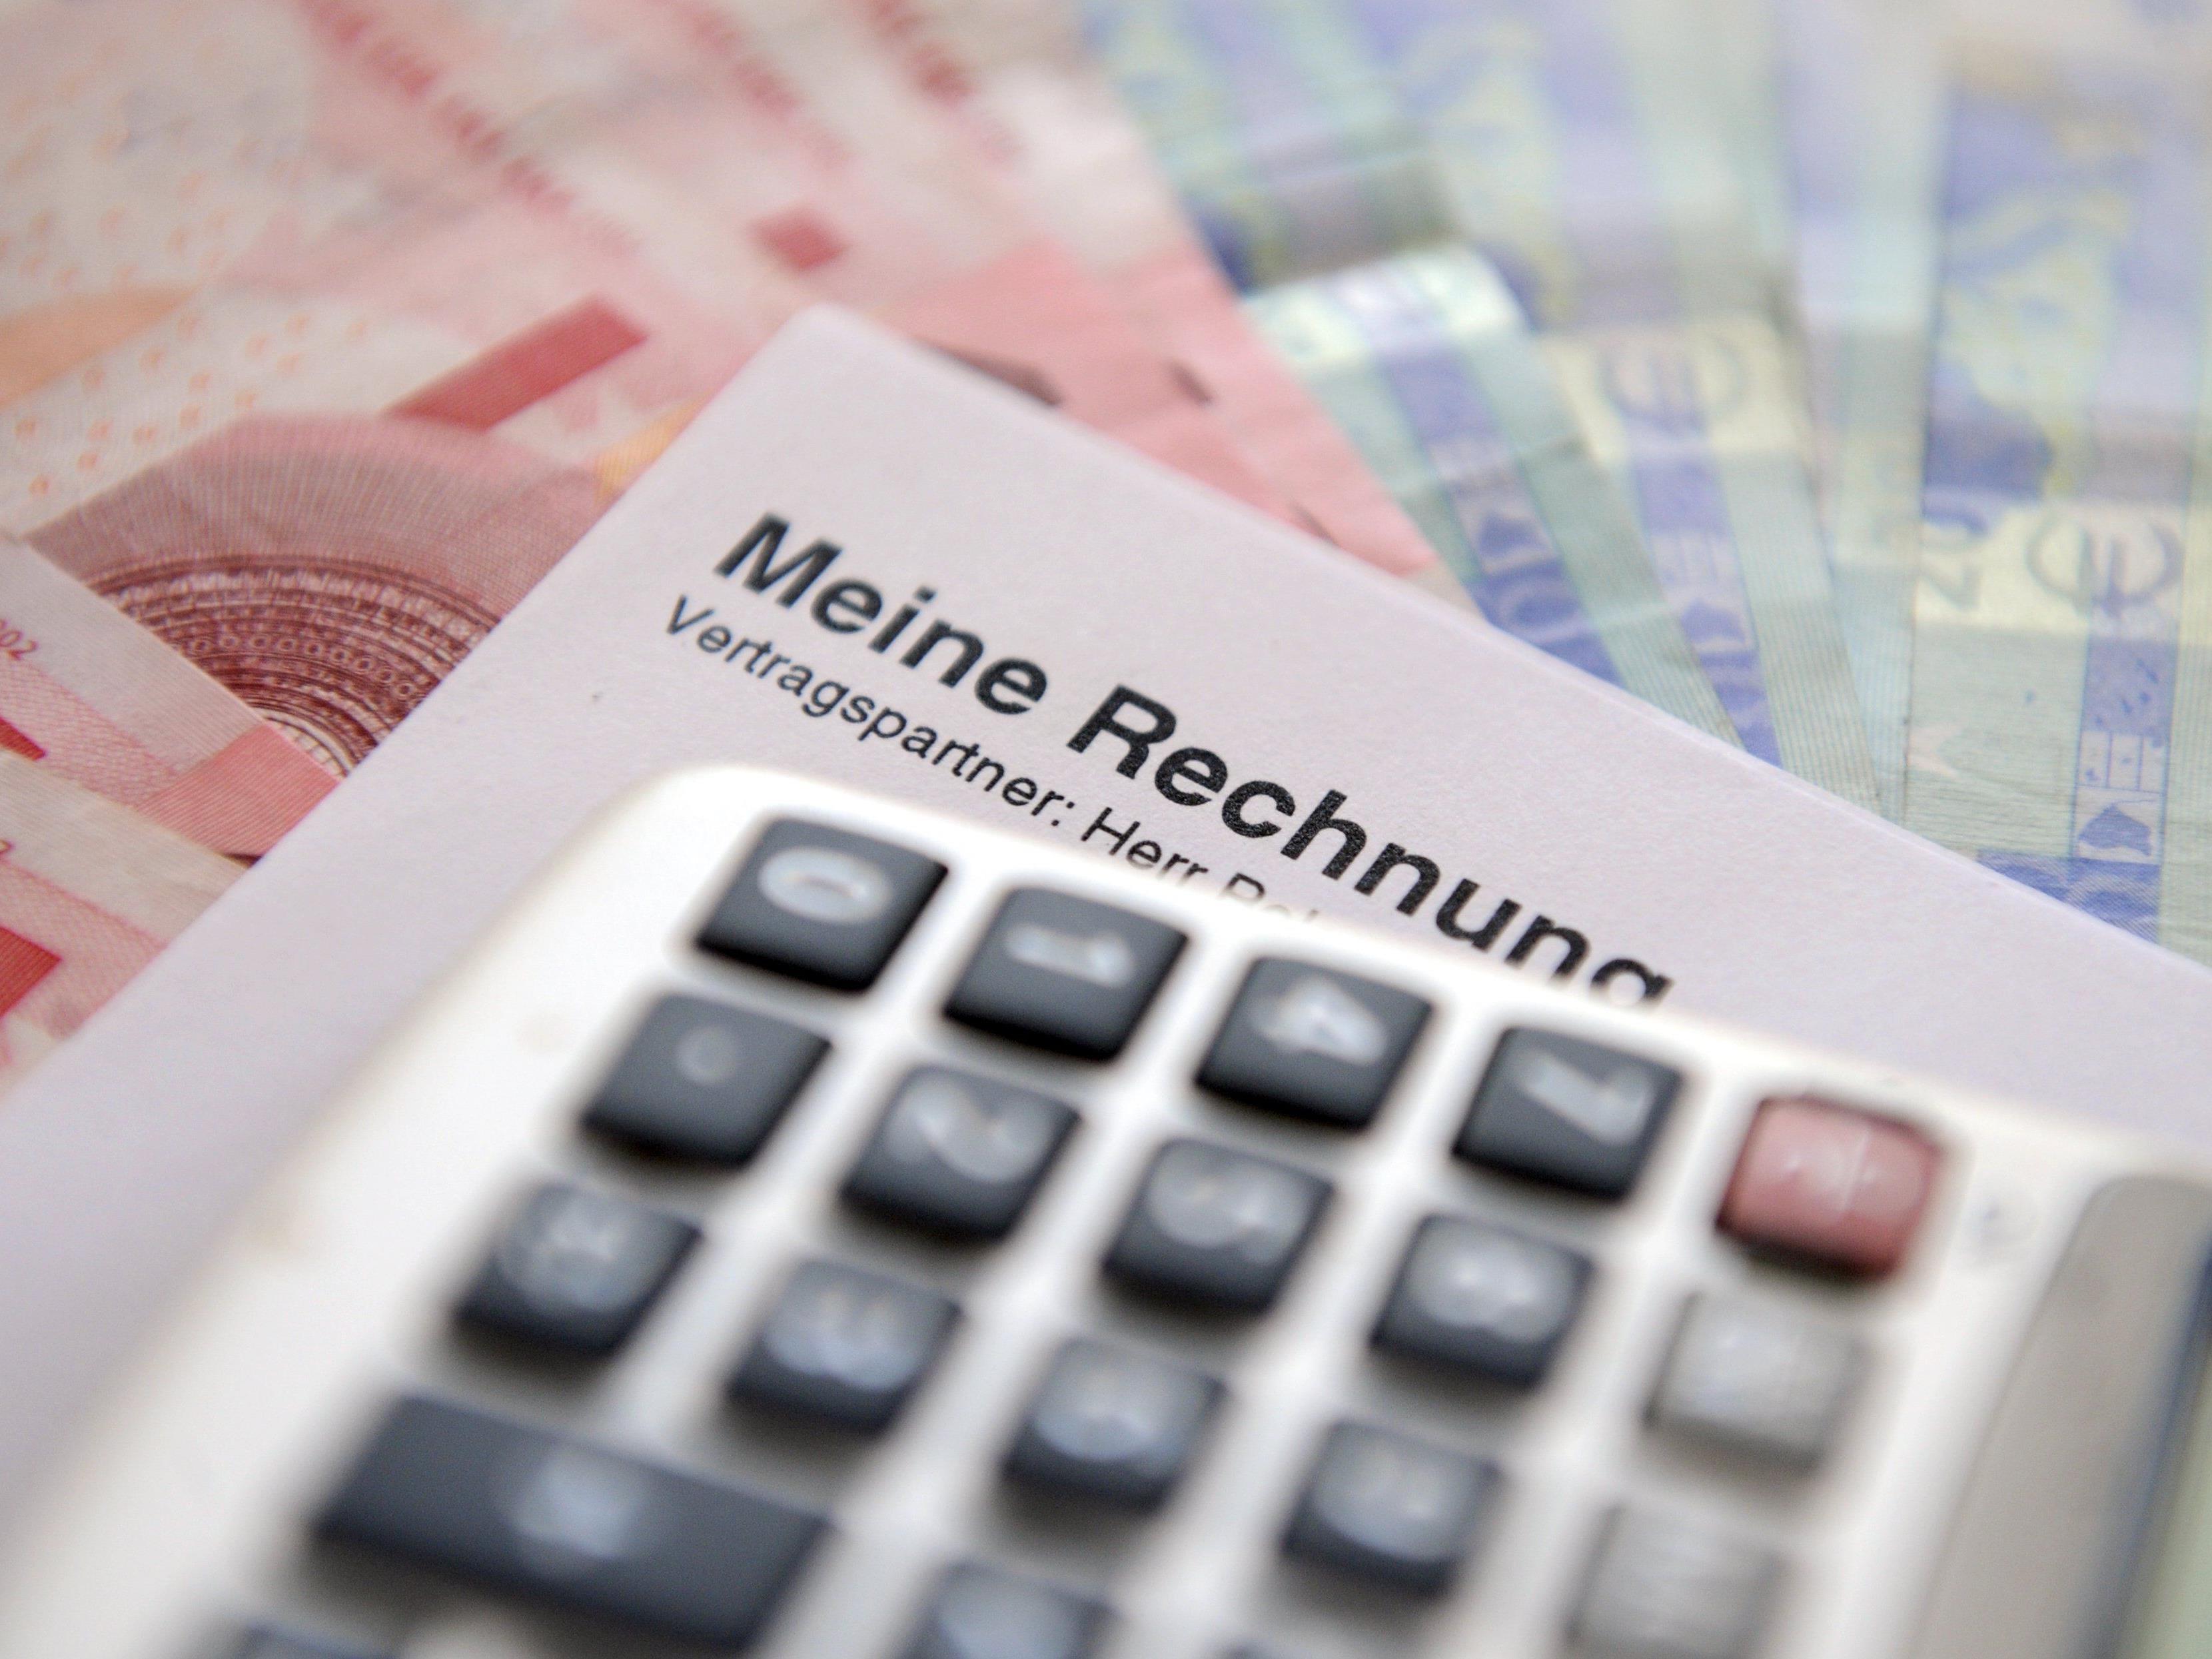 Horrende Handy-Rechnungen in Vorarlberg: Zahl der Anfragen nimmt stetig zu